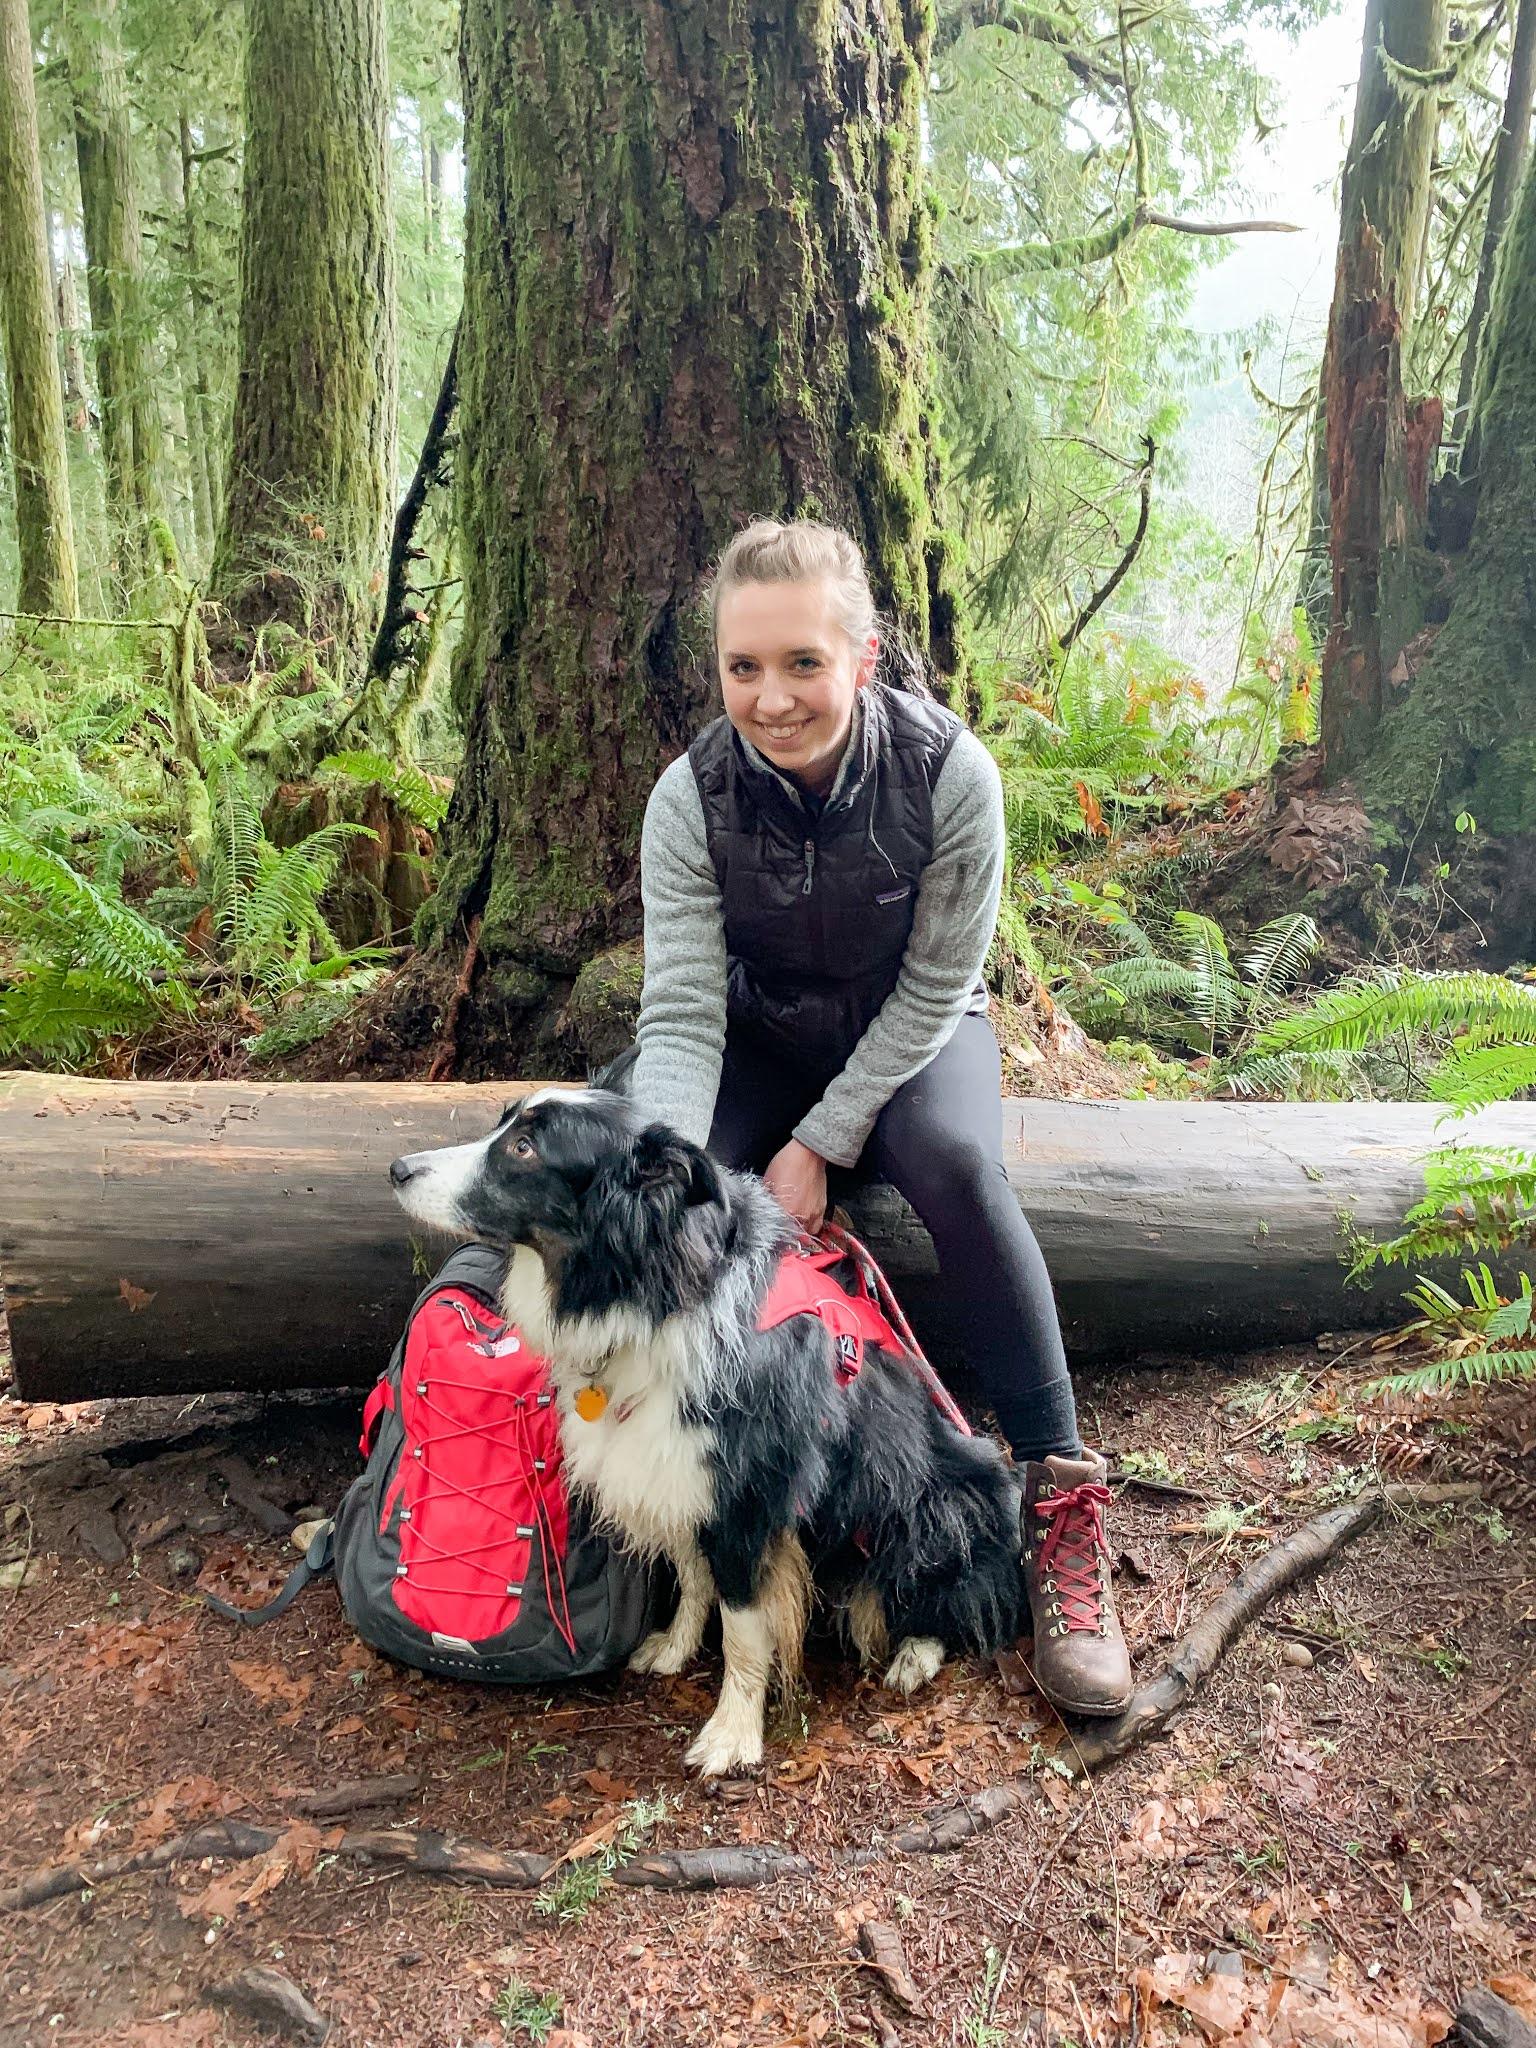 Me and Sam hiking